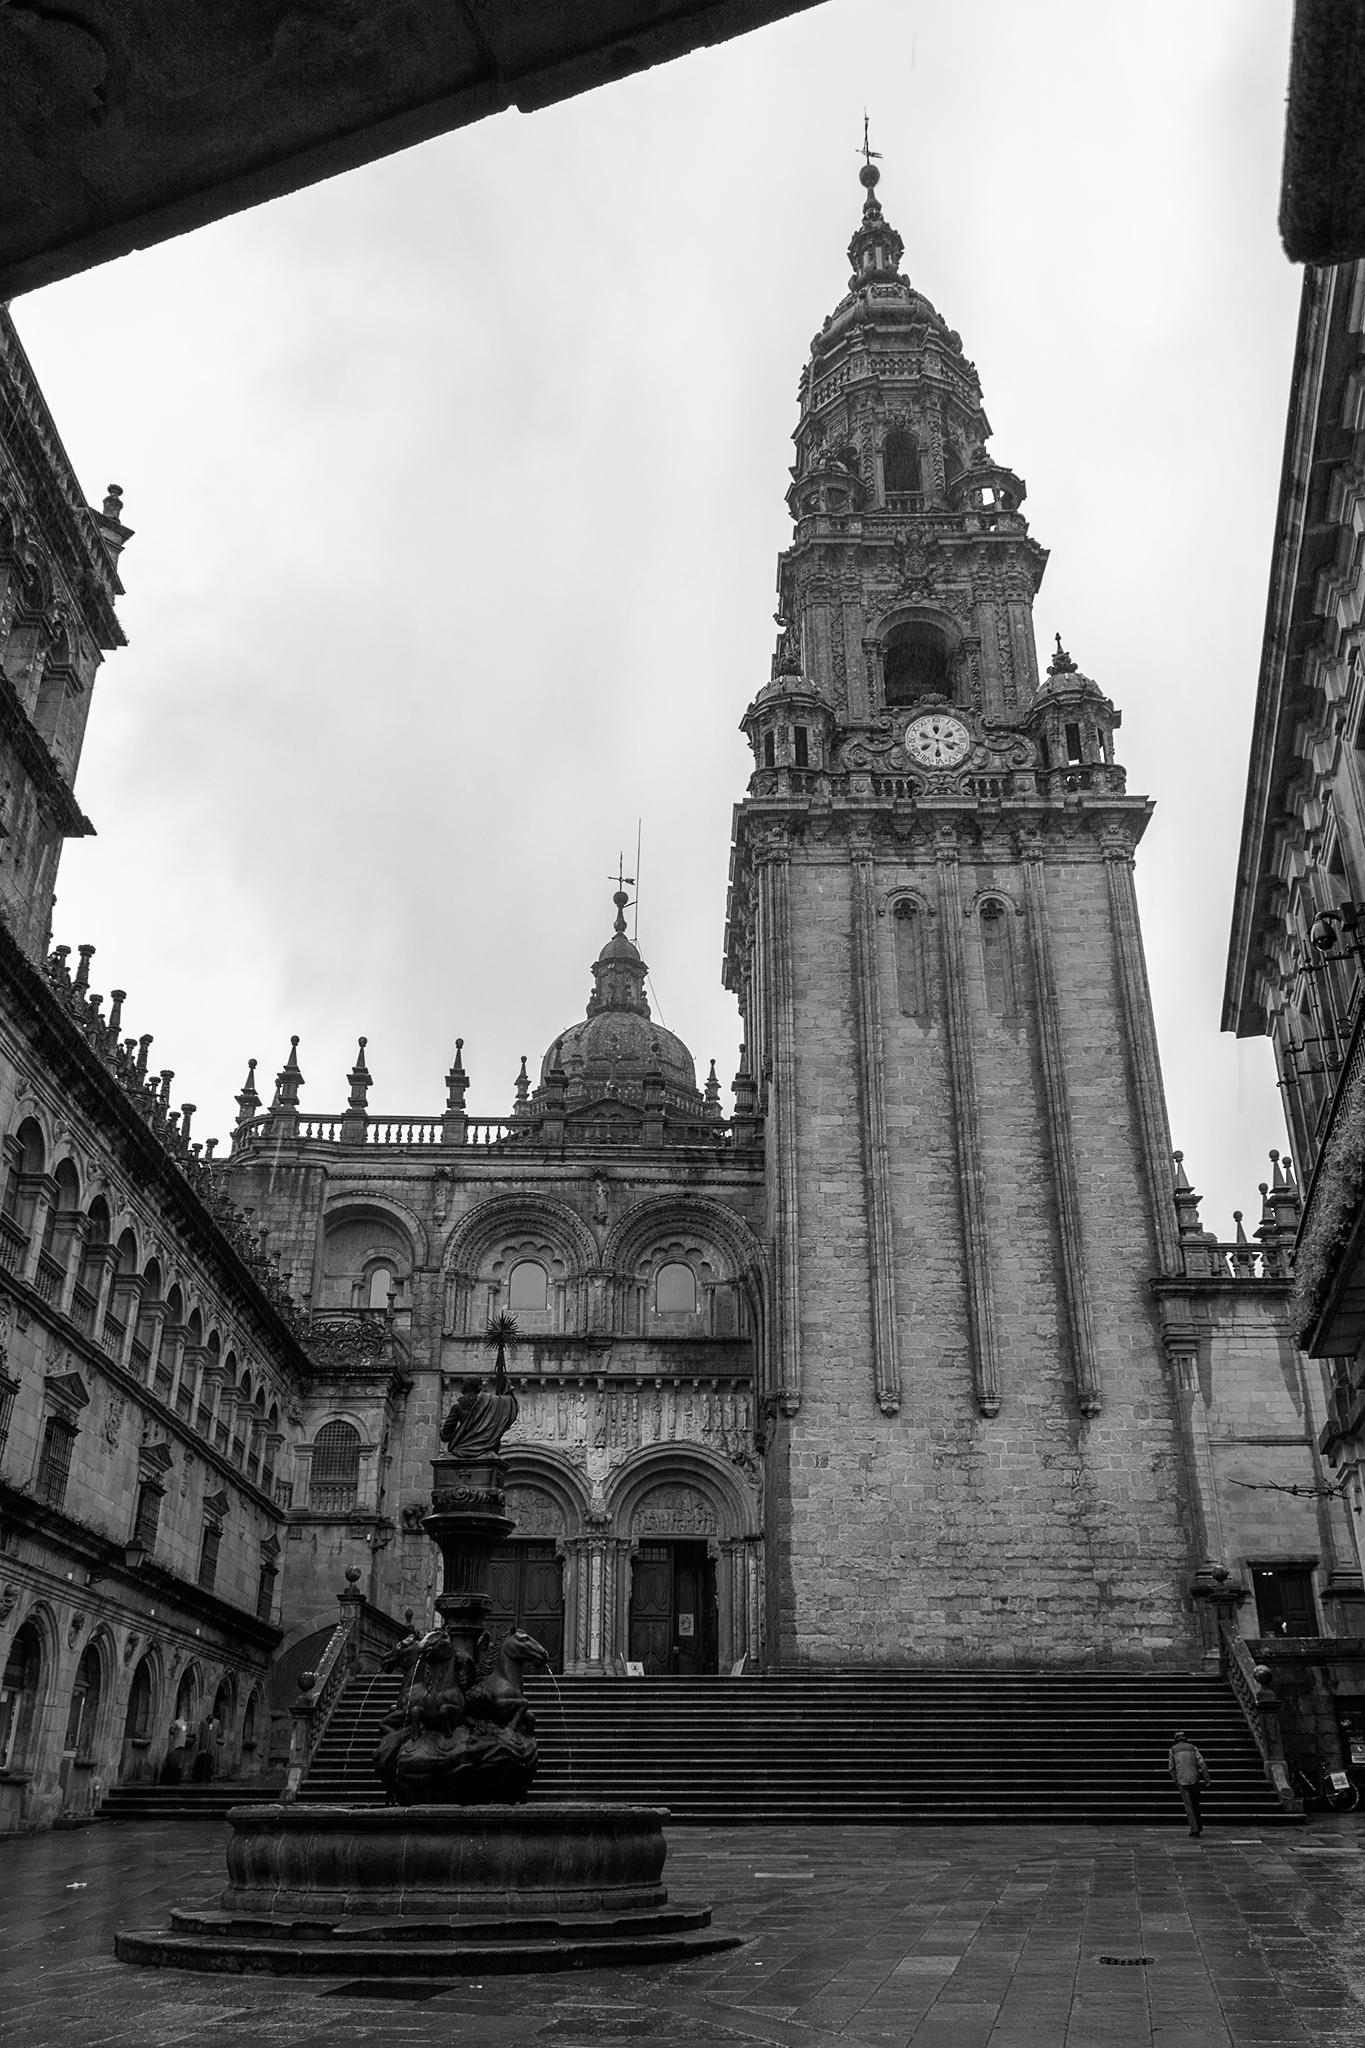 Como es común en las plazas y pequeñas calles que rodean la Catedral de Compostela, la Plaza de Platerías recibe su nombre de los antiguos oficios y actividades artesanas que se desarrollaban históricamente.</br></br>Tanto la Plaza de Platerías como la fachada norte de la basílica, deben su nombre a los talleres de orfebres y plateros que durante la Edad Media se situaban en esta zona, costumbre que se mantiene hasta la época actual en la cual aún se conservan numerosos establecimientos de joyería y más concretamente de artesanos plateros.</br></br>En el centro de la plaza se encuentra la Fuente de los Caballos, que originalmente se situaba en el interior del claustro de la Catedral, y a su derecha, con más de 70 metros de altura, se puede ver la Torre del Reloj, con un cuerpo inferior gótico y con añadidos posteriores en la parte superior de estilo barroco.